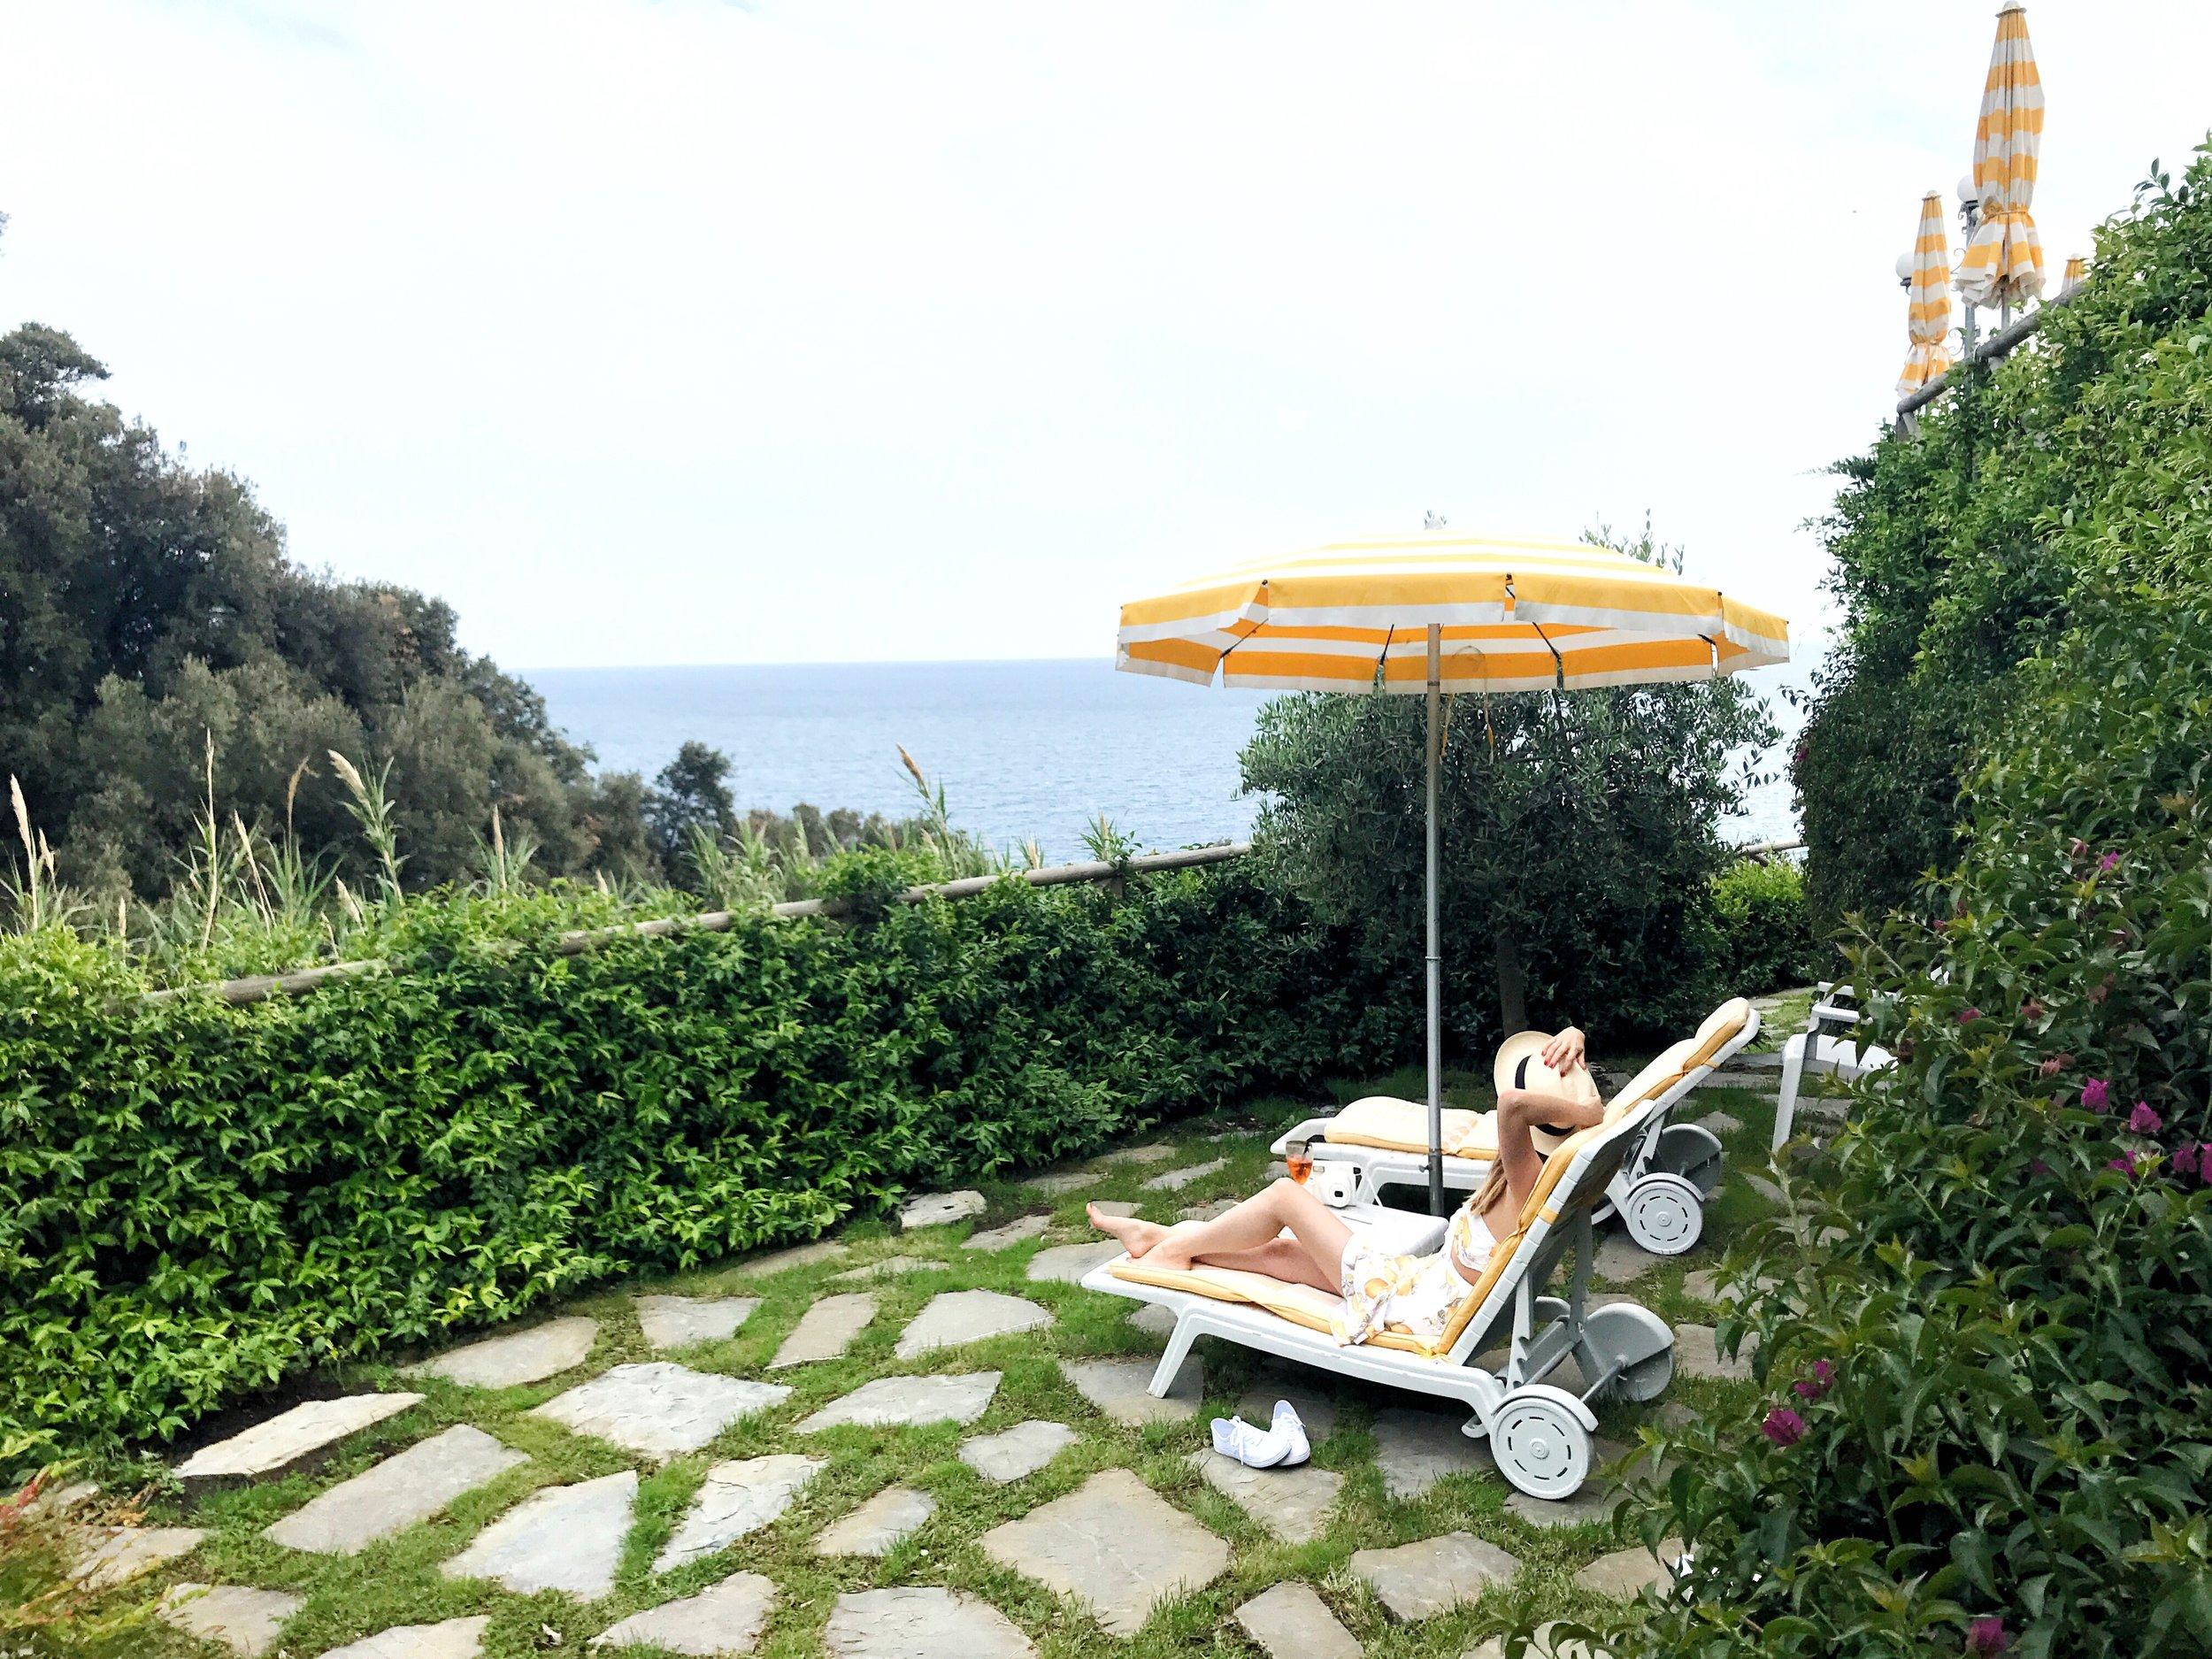 Lounging cliffside at Porto Roca hotel in Monterosso al Mare, a village in Cinque Terre.